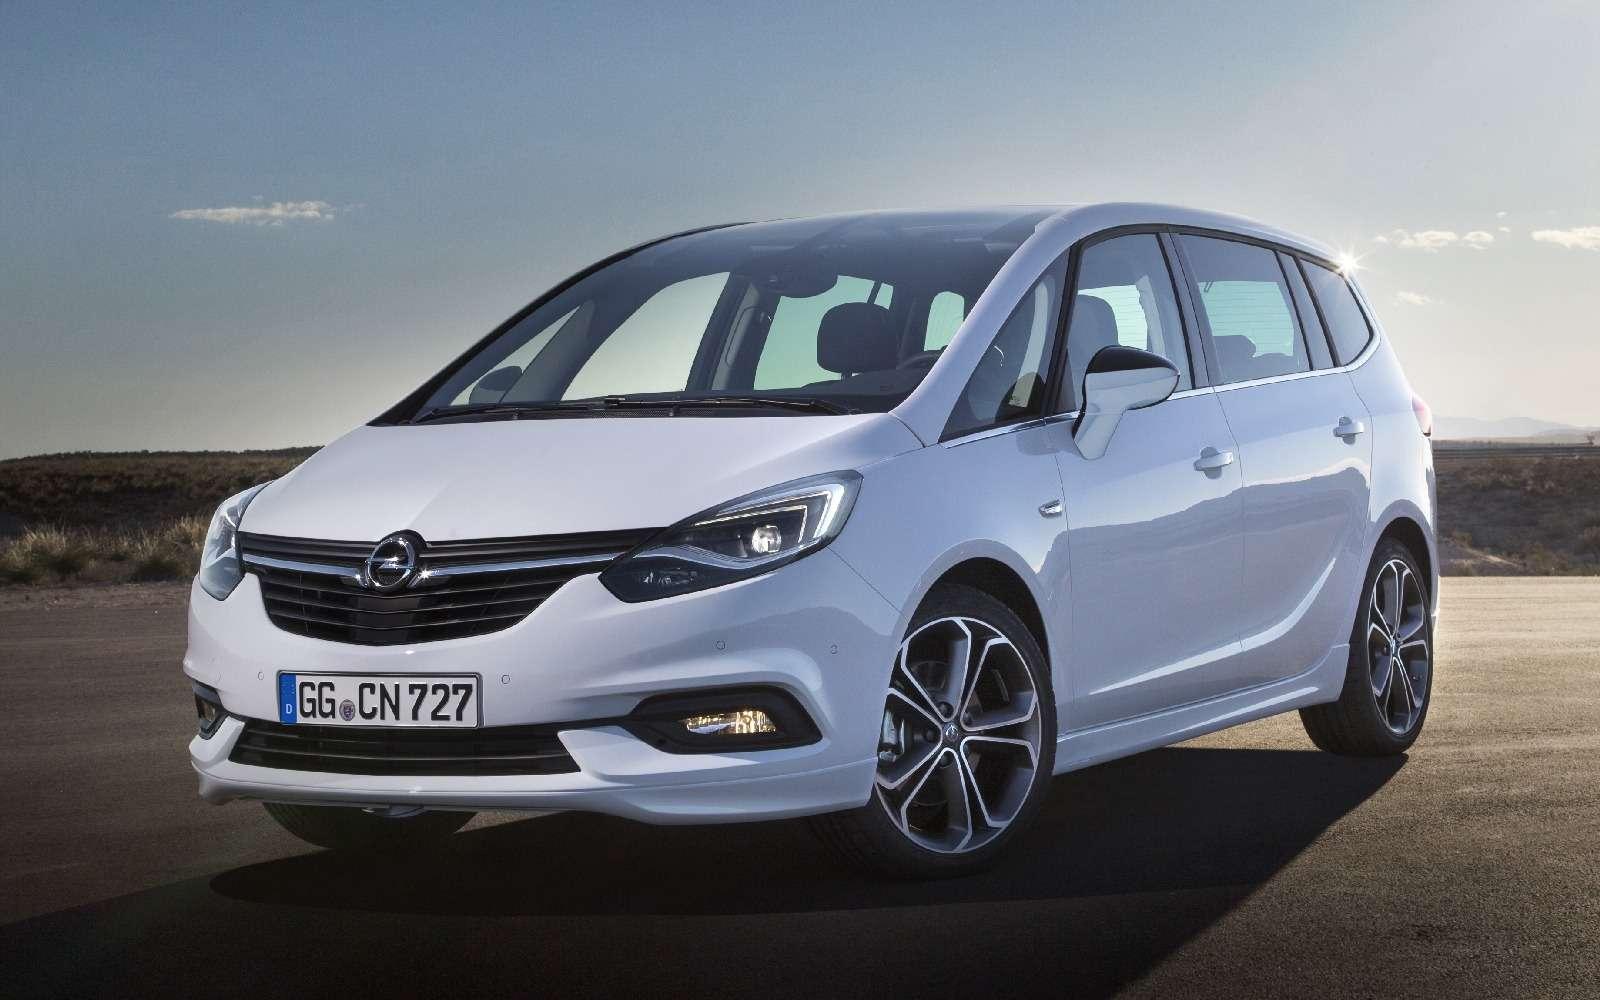 Обновленный компактвэн Opel Zafira представлен официально— фото 593685